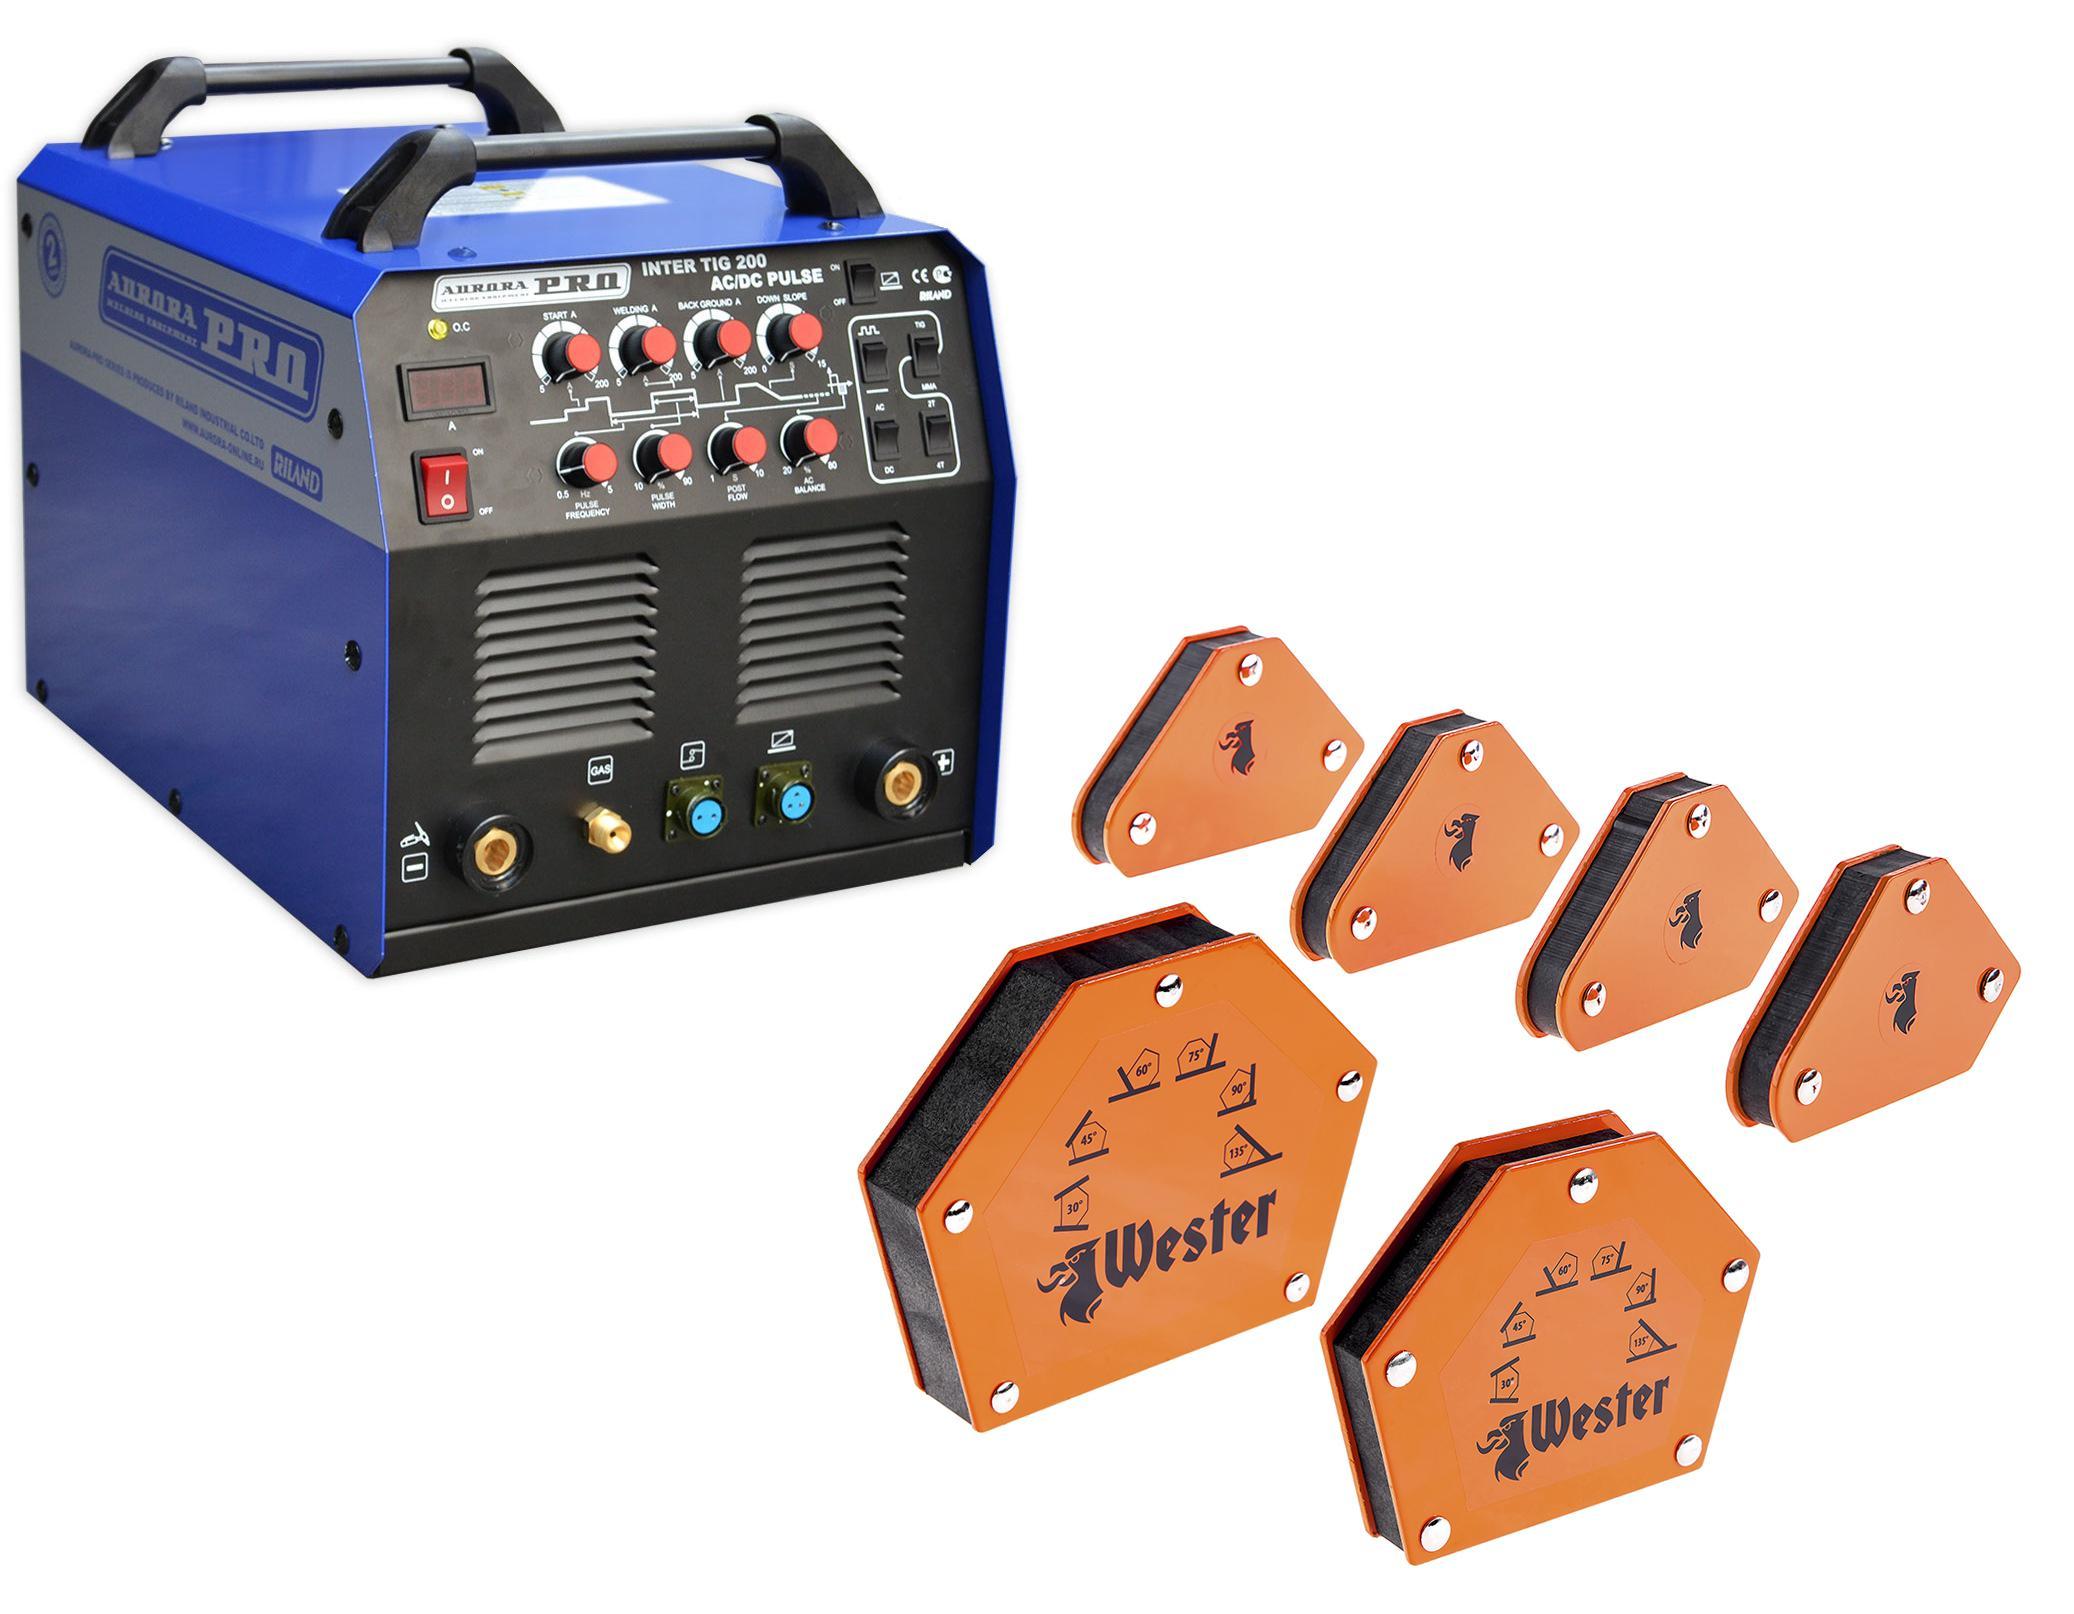 Набор Aurora pro Сварочный аппарат inter tig 200 ac/dc pulse mosfet +Угольник магнитный mcs +Угольник магнитный wmct50 +Угольник магнитный wmct75 сварочный аппарат aurora pro inter tig 200 pulse